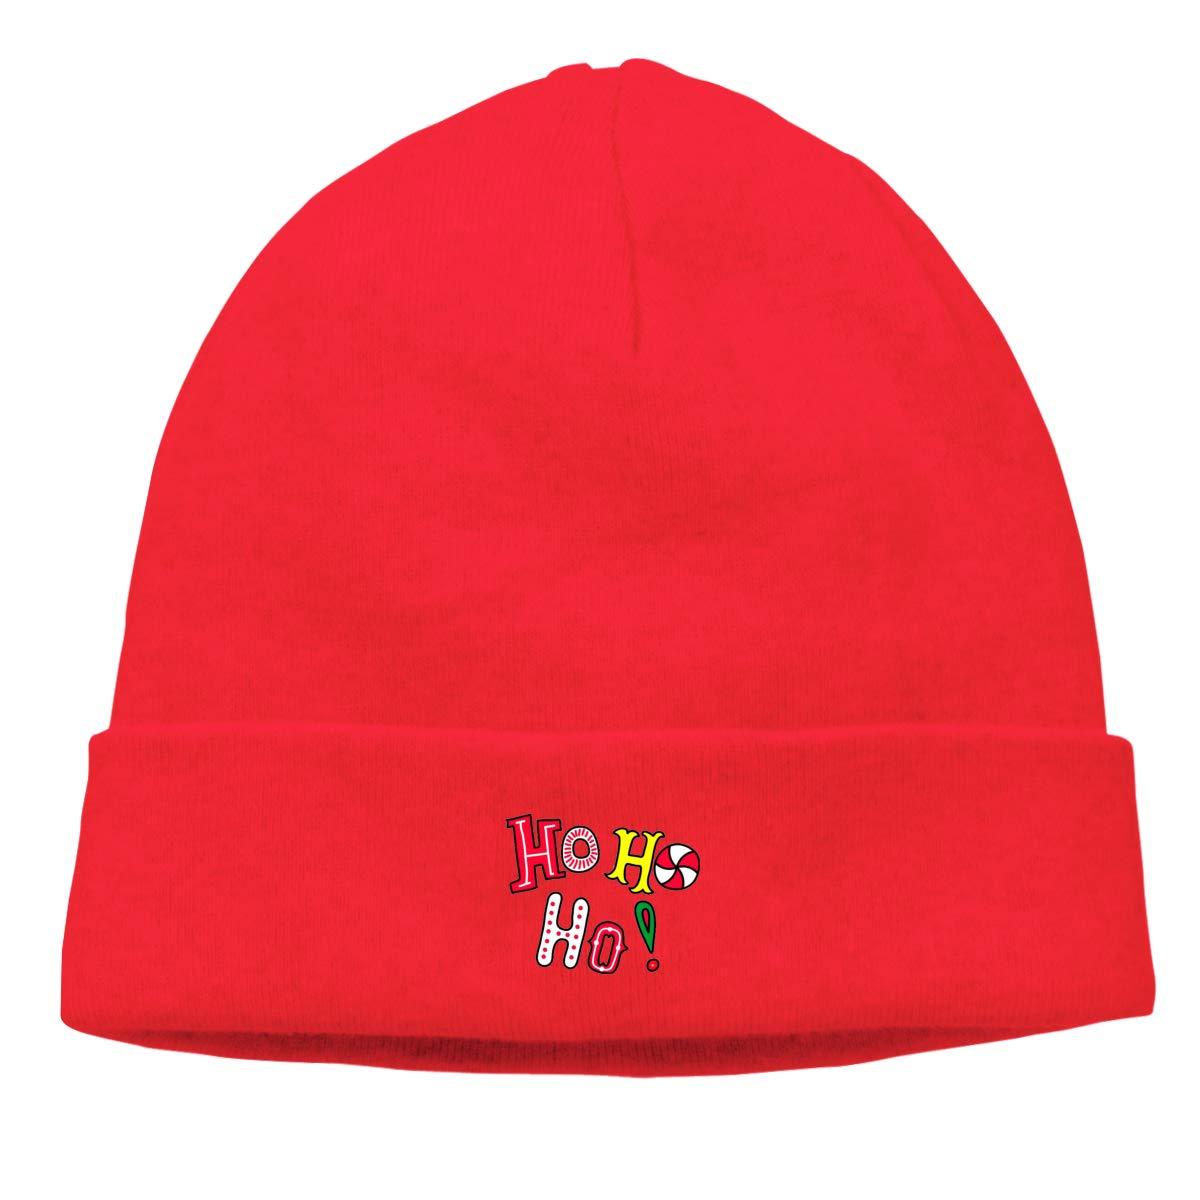 Simoner HO HO HO Warm Stretchy Solid Daily Skull Cap,Knit Wool Beanie Hat Black